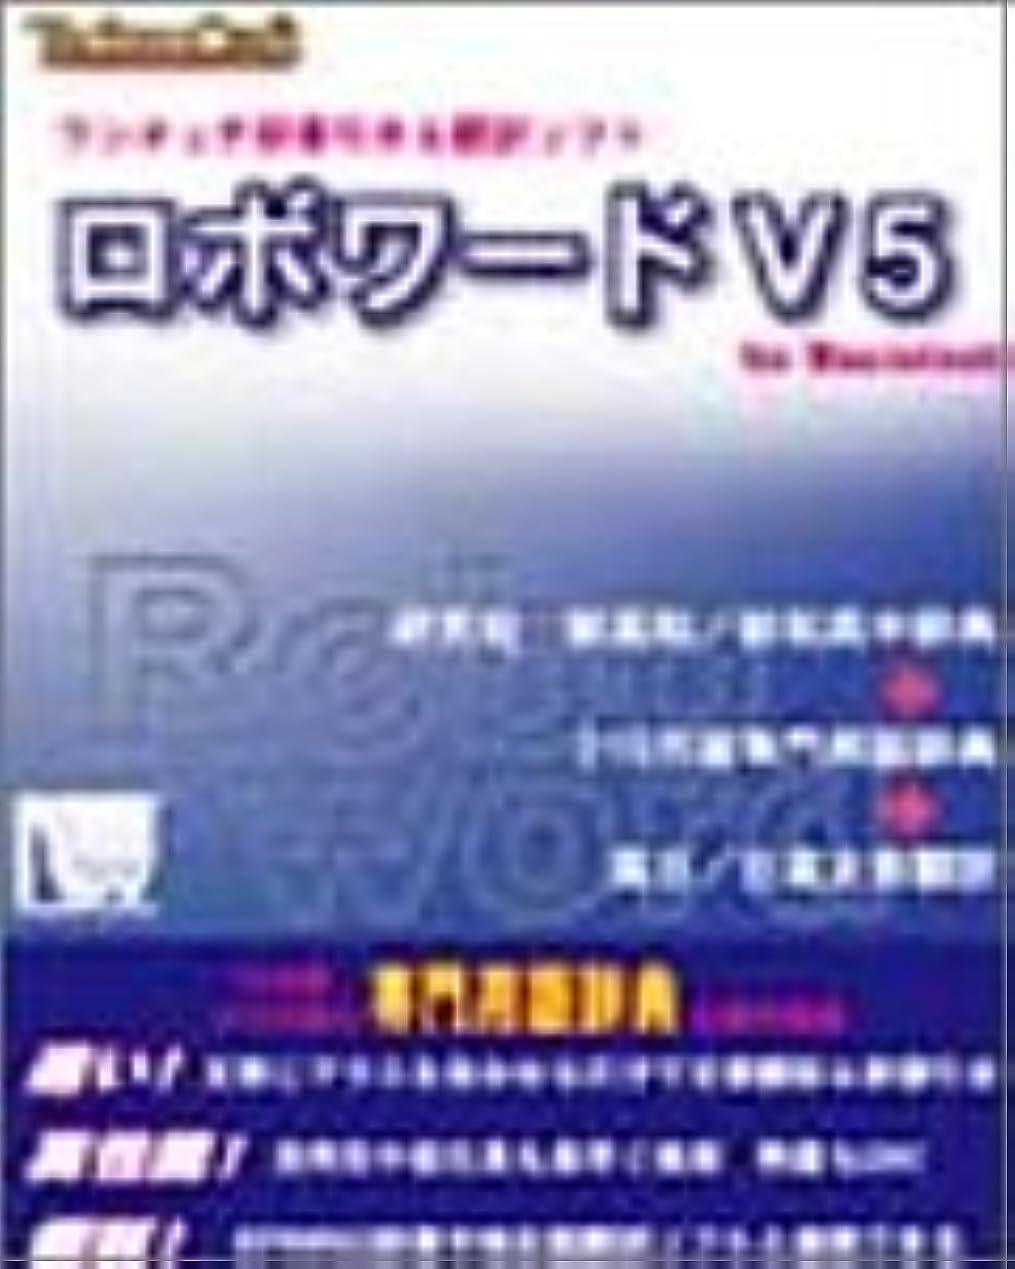 余韻海軍フォーマットロボワード V5 for Mac 研究社 アカデミック